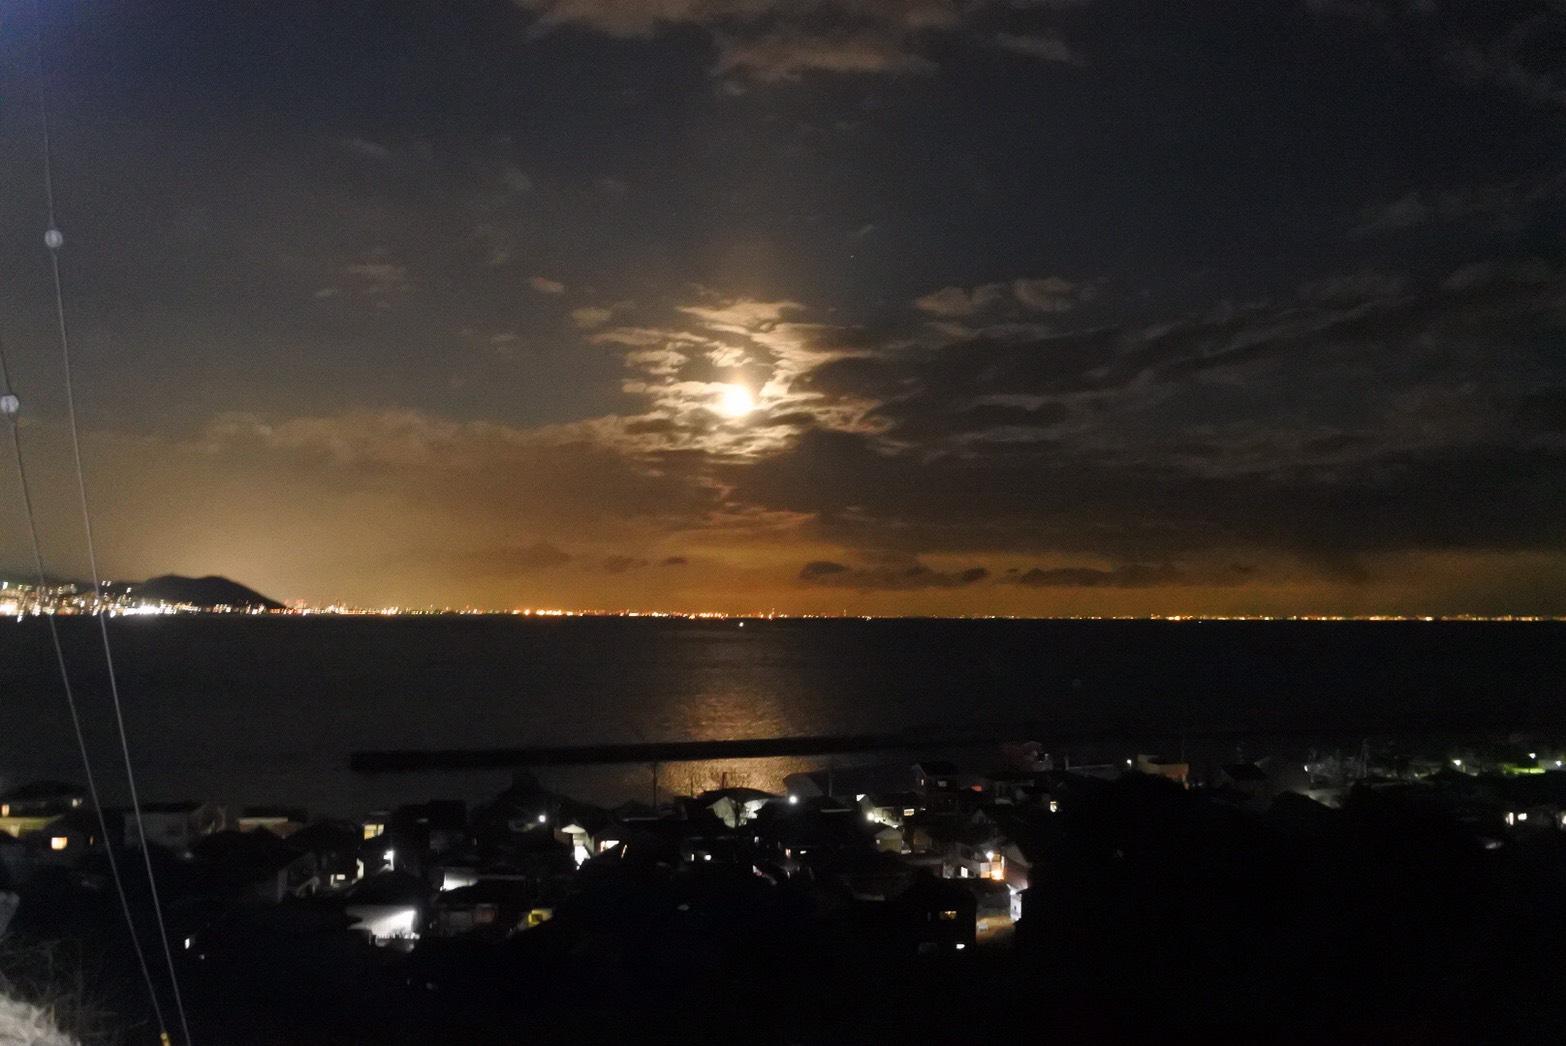 淡路島で見た満月。一生忘れられない思い出になりました